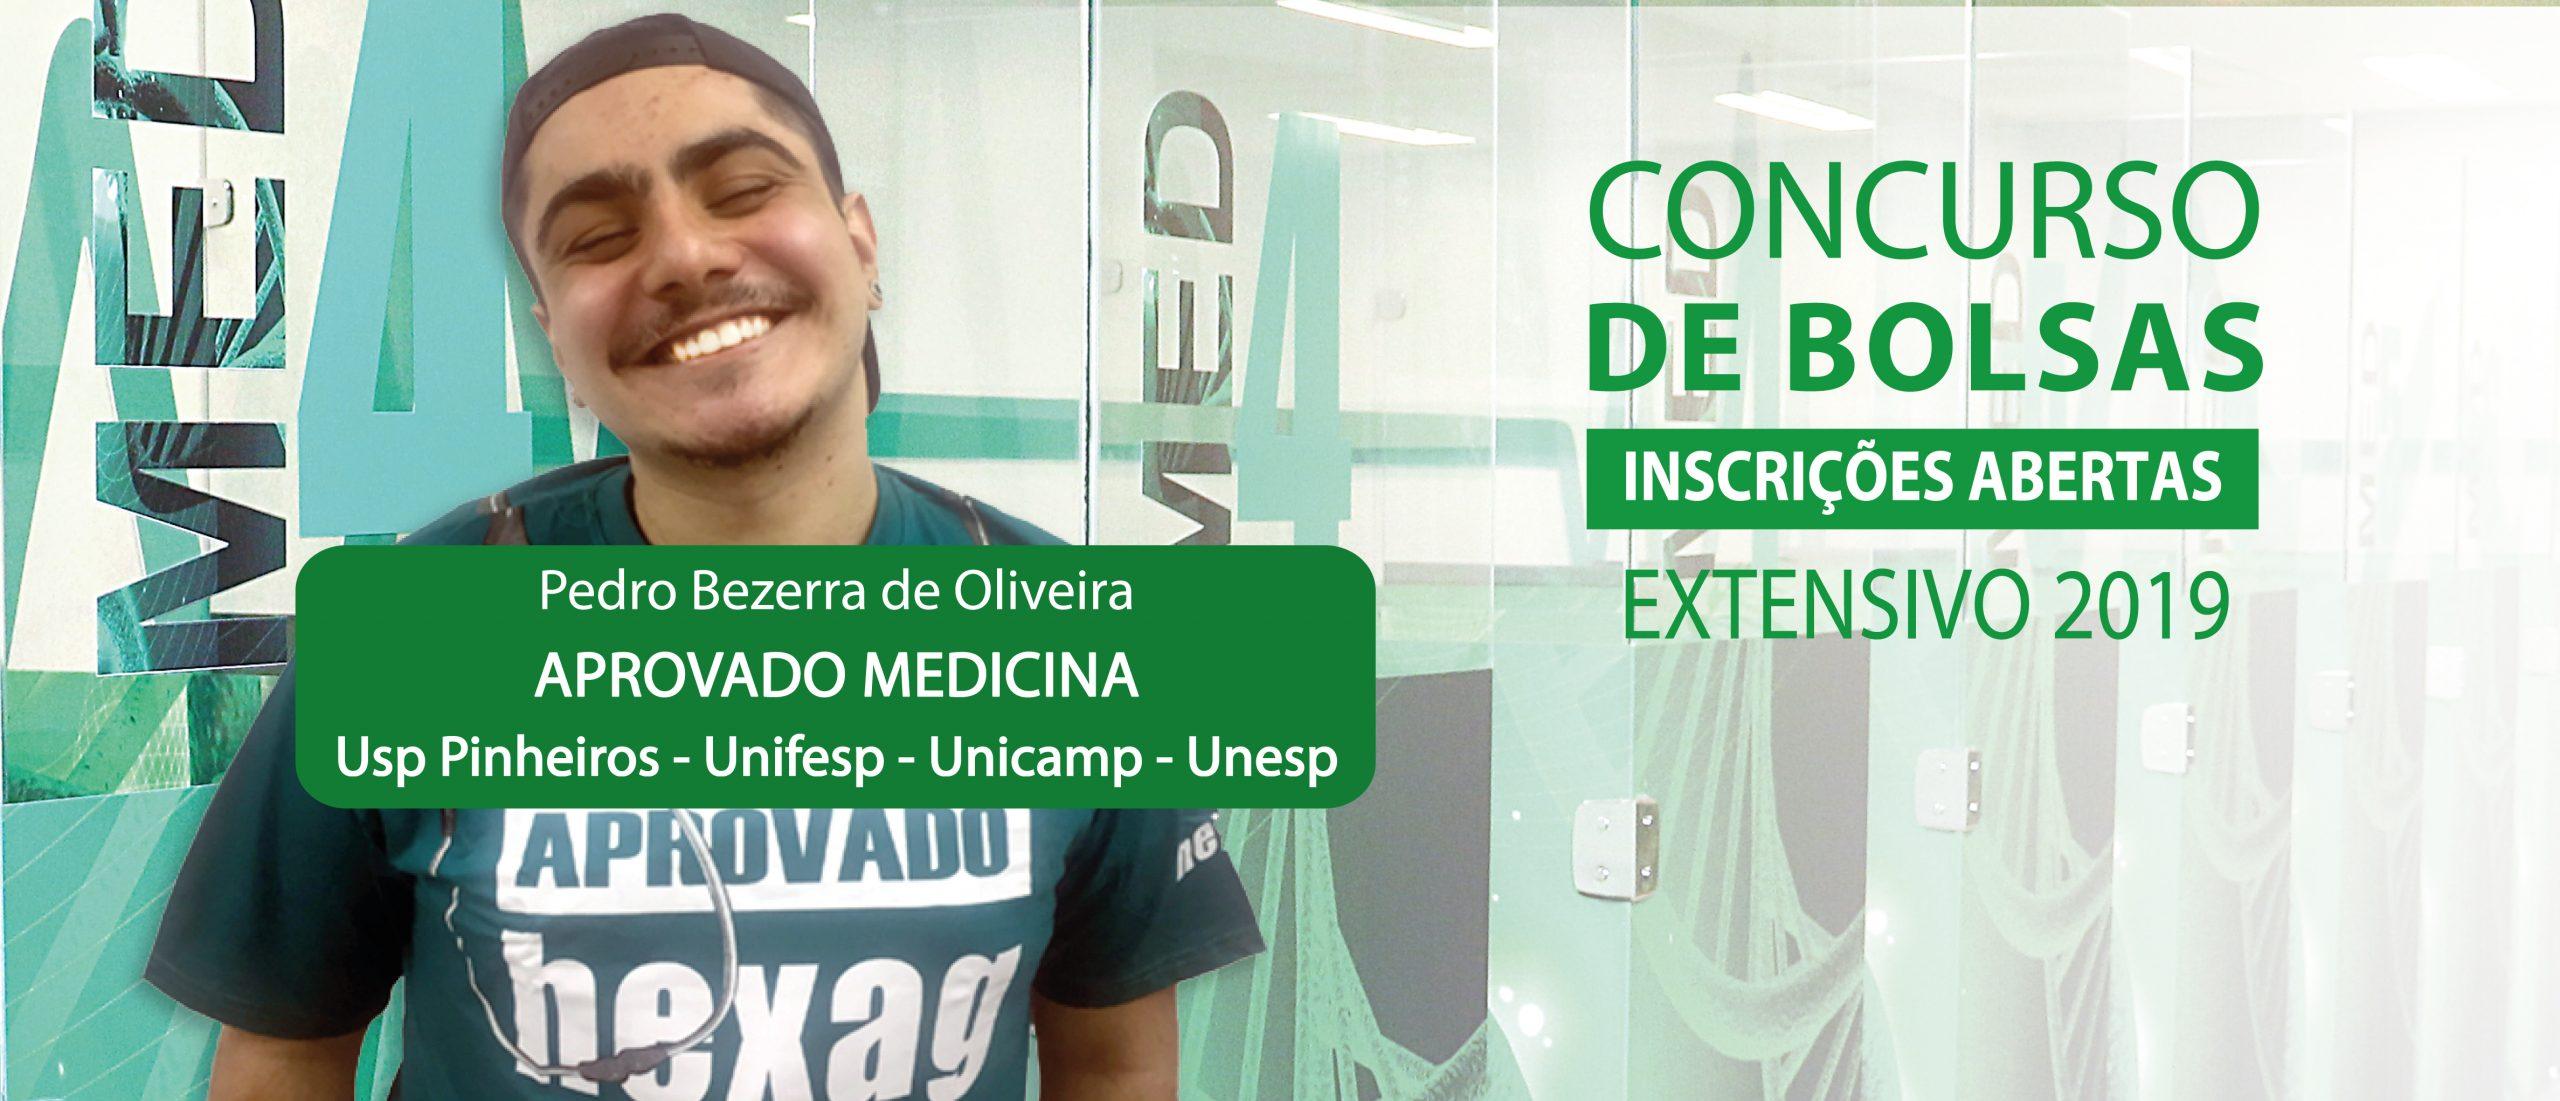 Hexag Medicina abre inscrições para o Concurso de Bolsas 2019